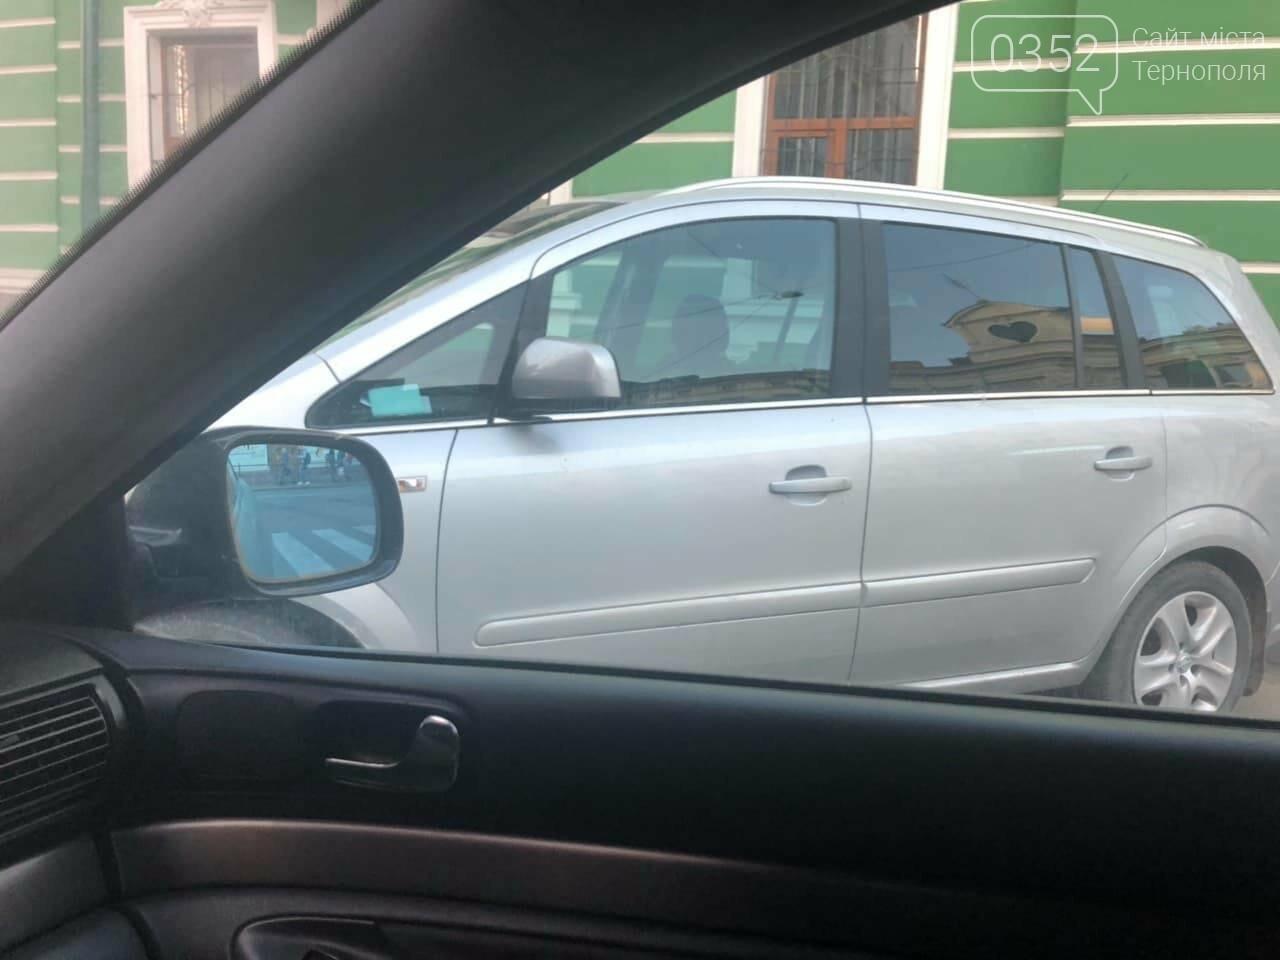 У Тернополі на вулиці Січових Стрільців невідомий припаркував своє авто посеред дороги (ФОТО), фото-5